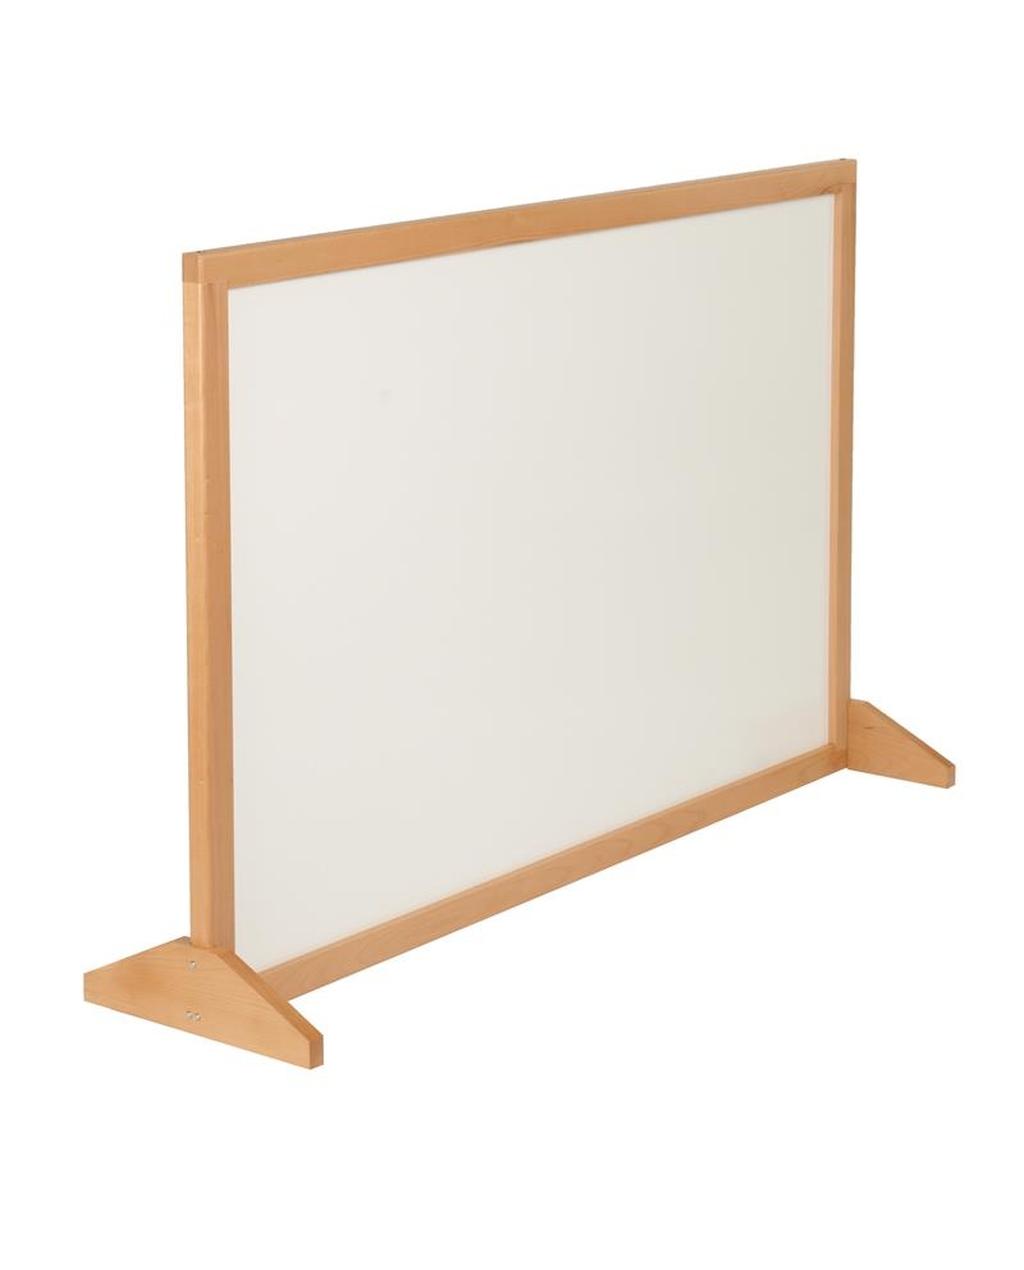 Delu X e Wood Framed Whiteboard Screens 1800 X 1200